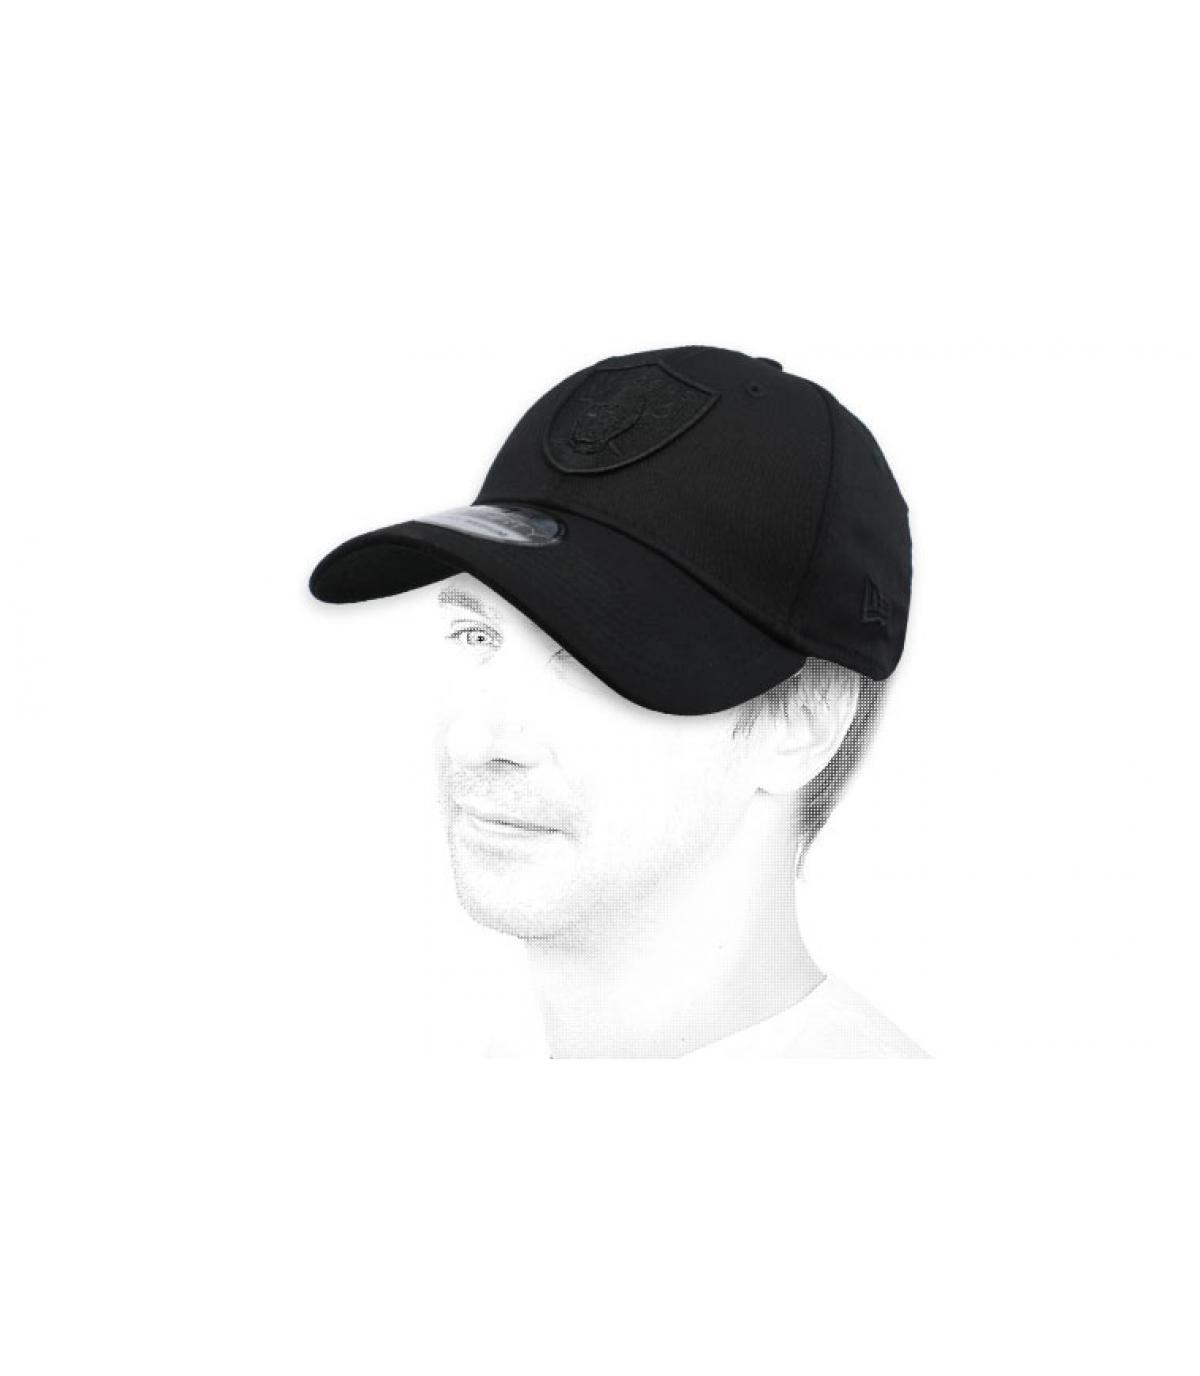 gorra Raiders negro